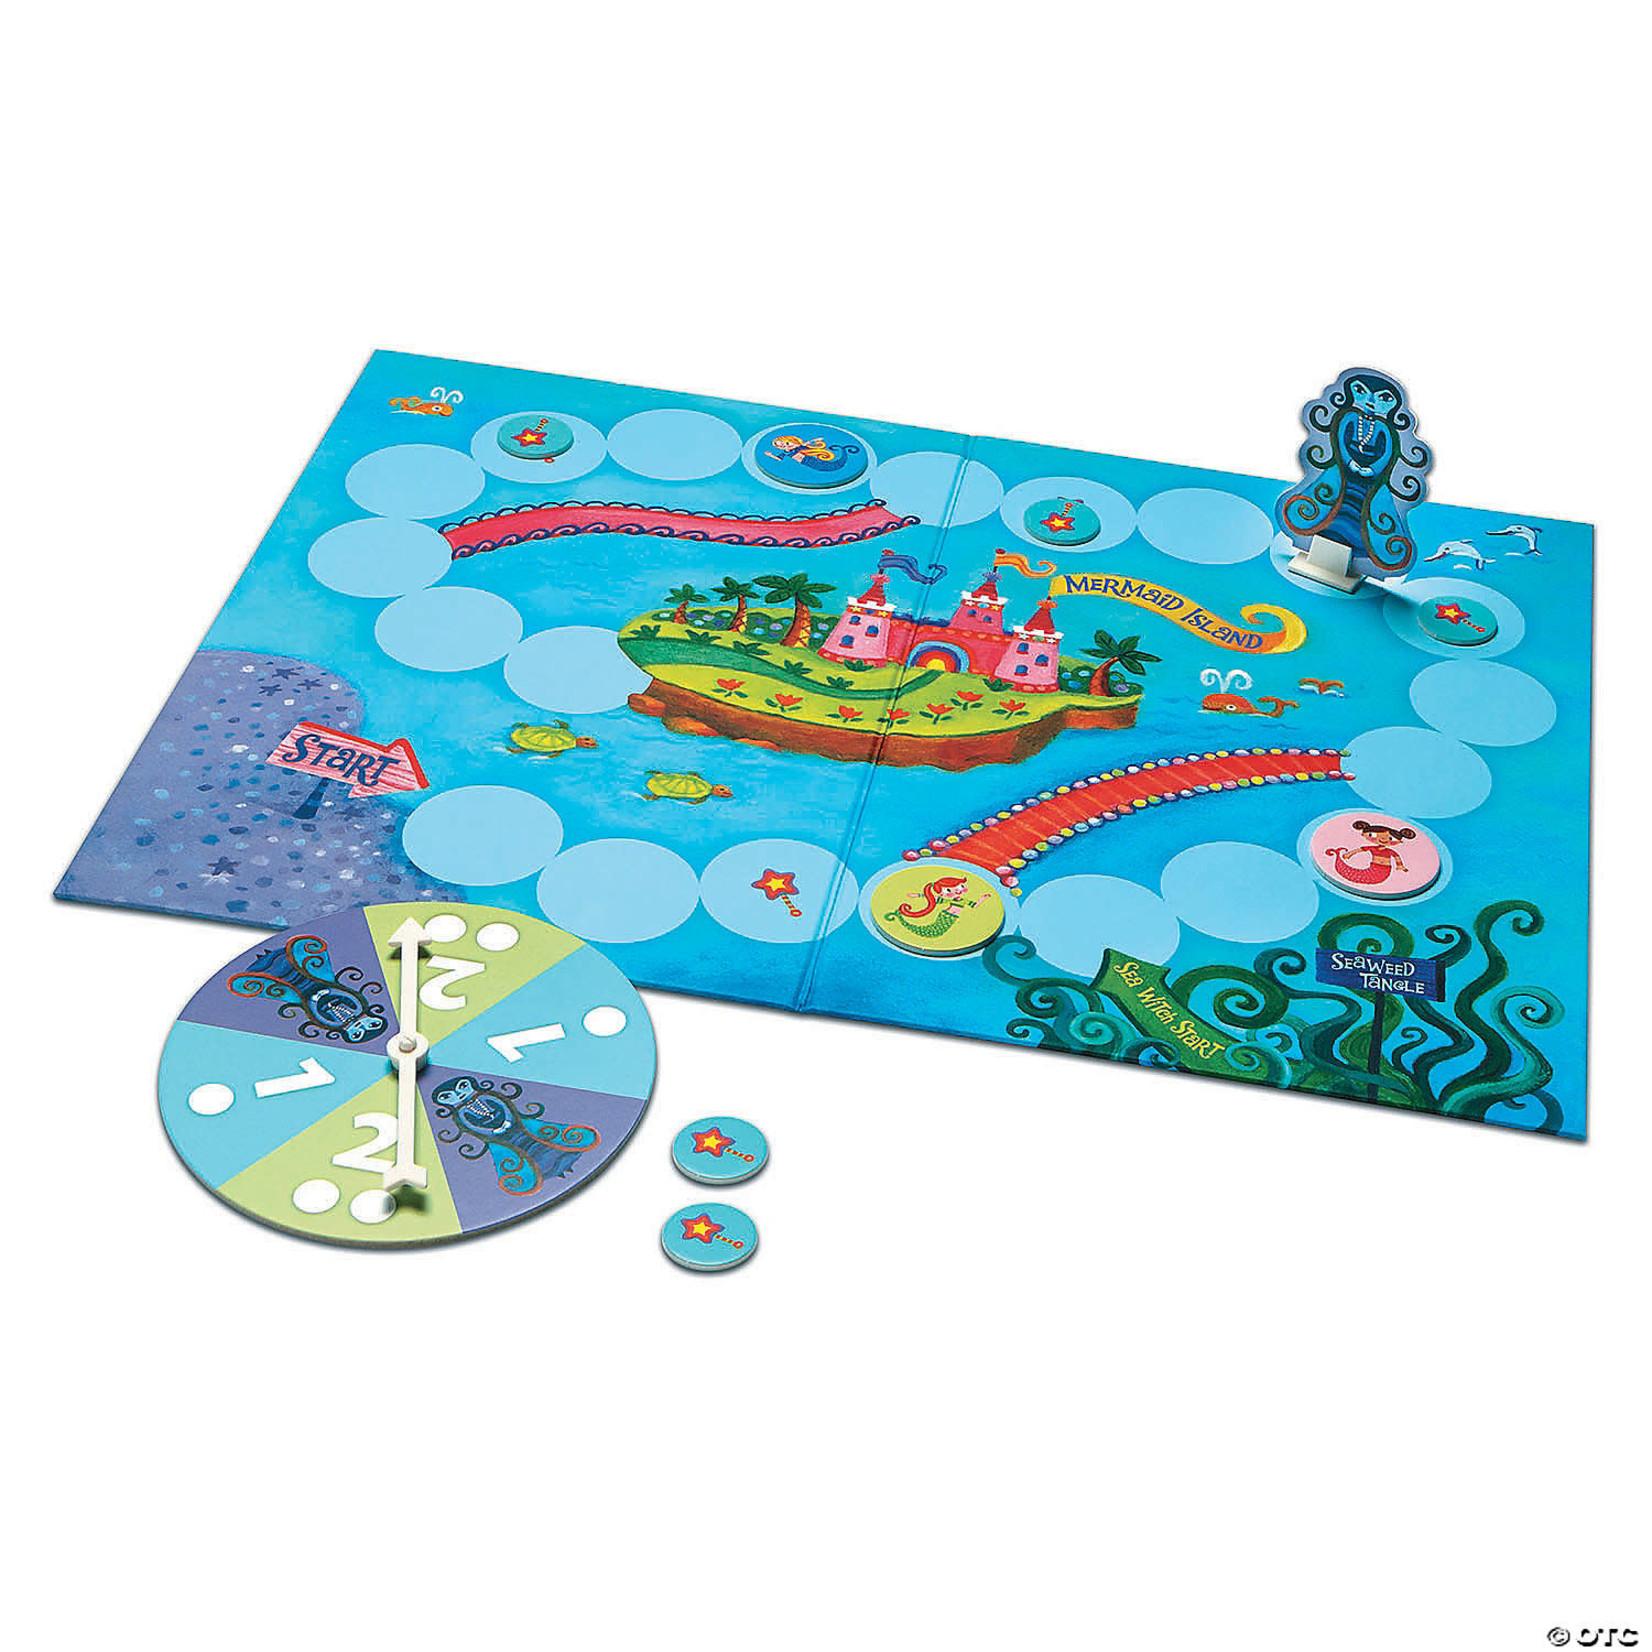 Peaceable Kingdom Mermaid Island